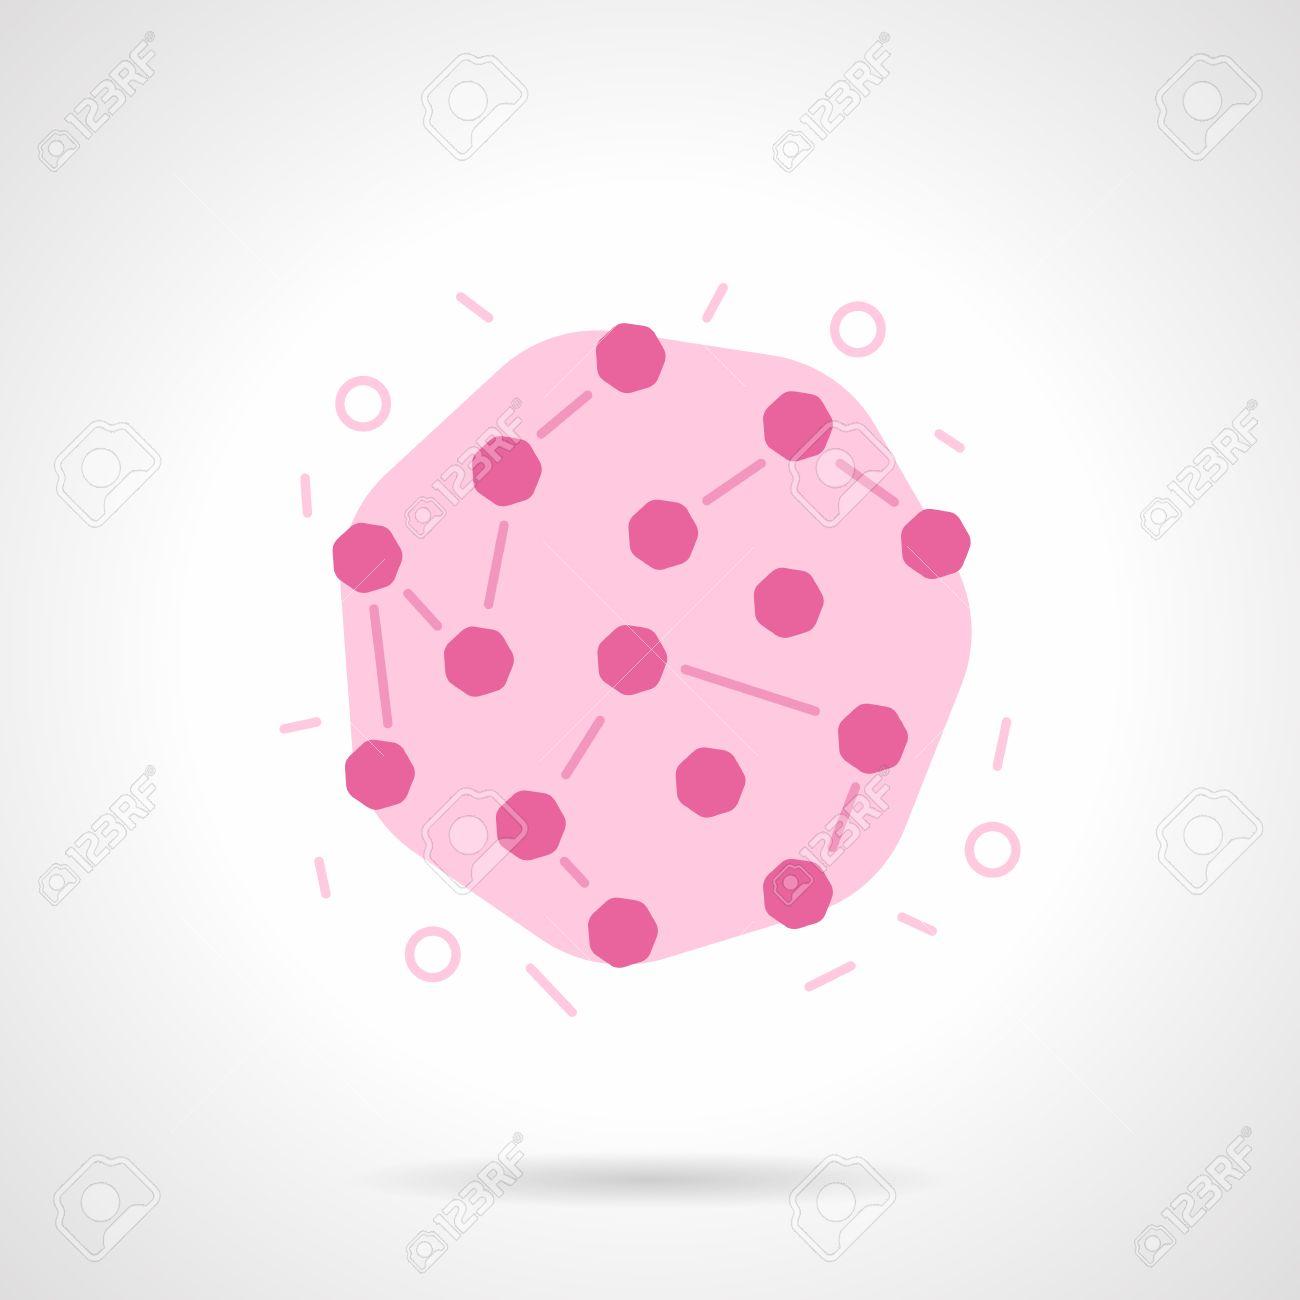 風疹ウイルスのモデル。ウイルス感染。ウイルス学、免疫学および微生物 ...